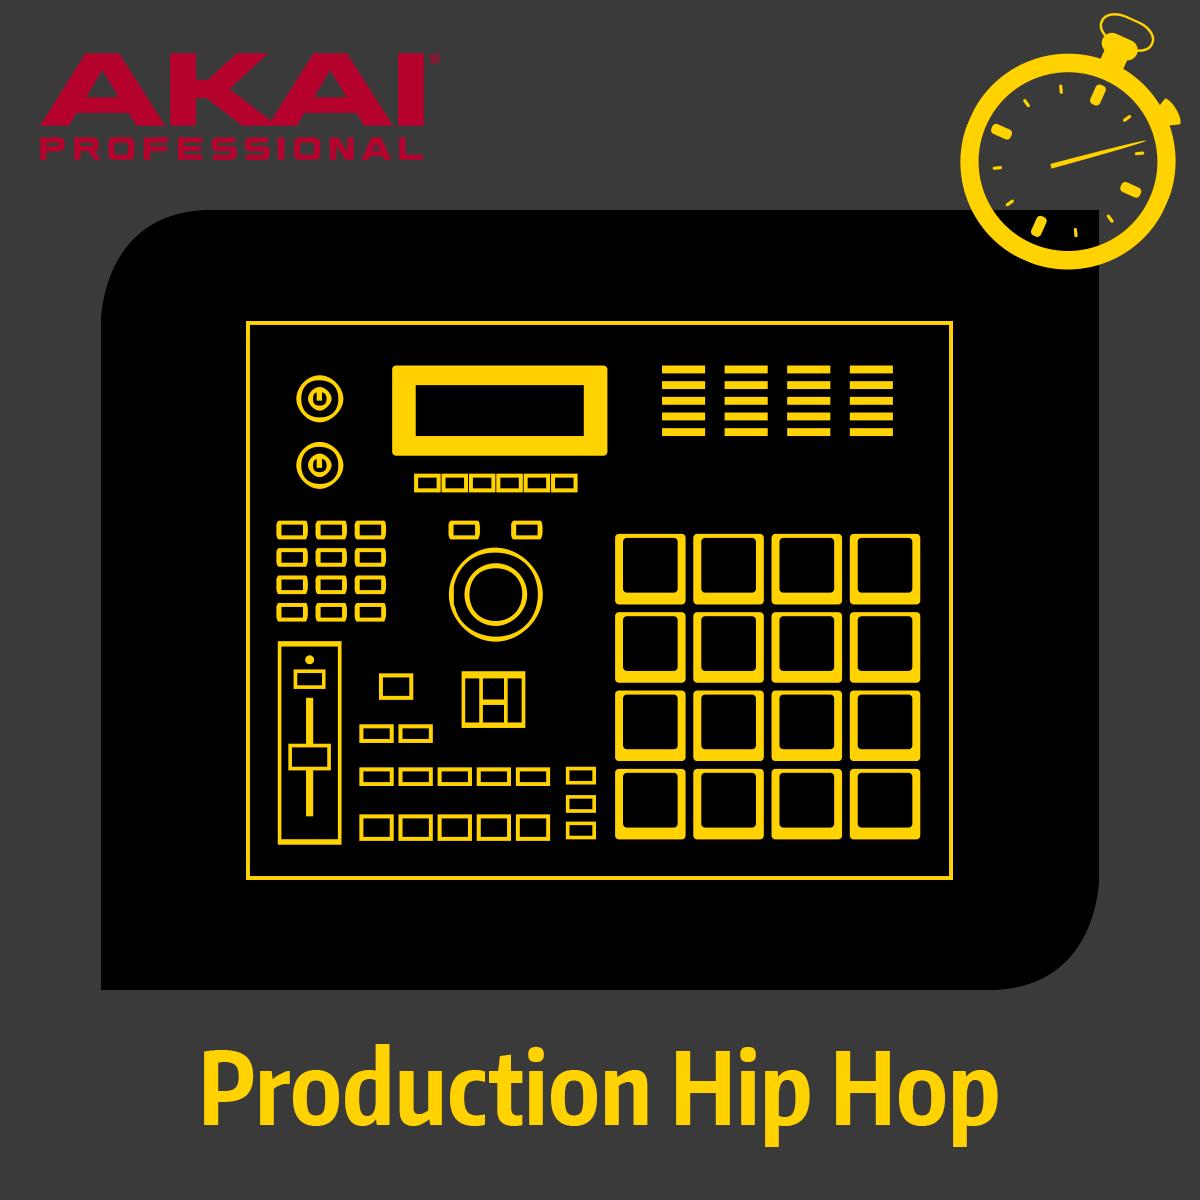 Formation accélérée - Production Hip Hop